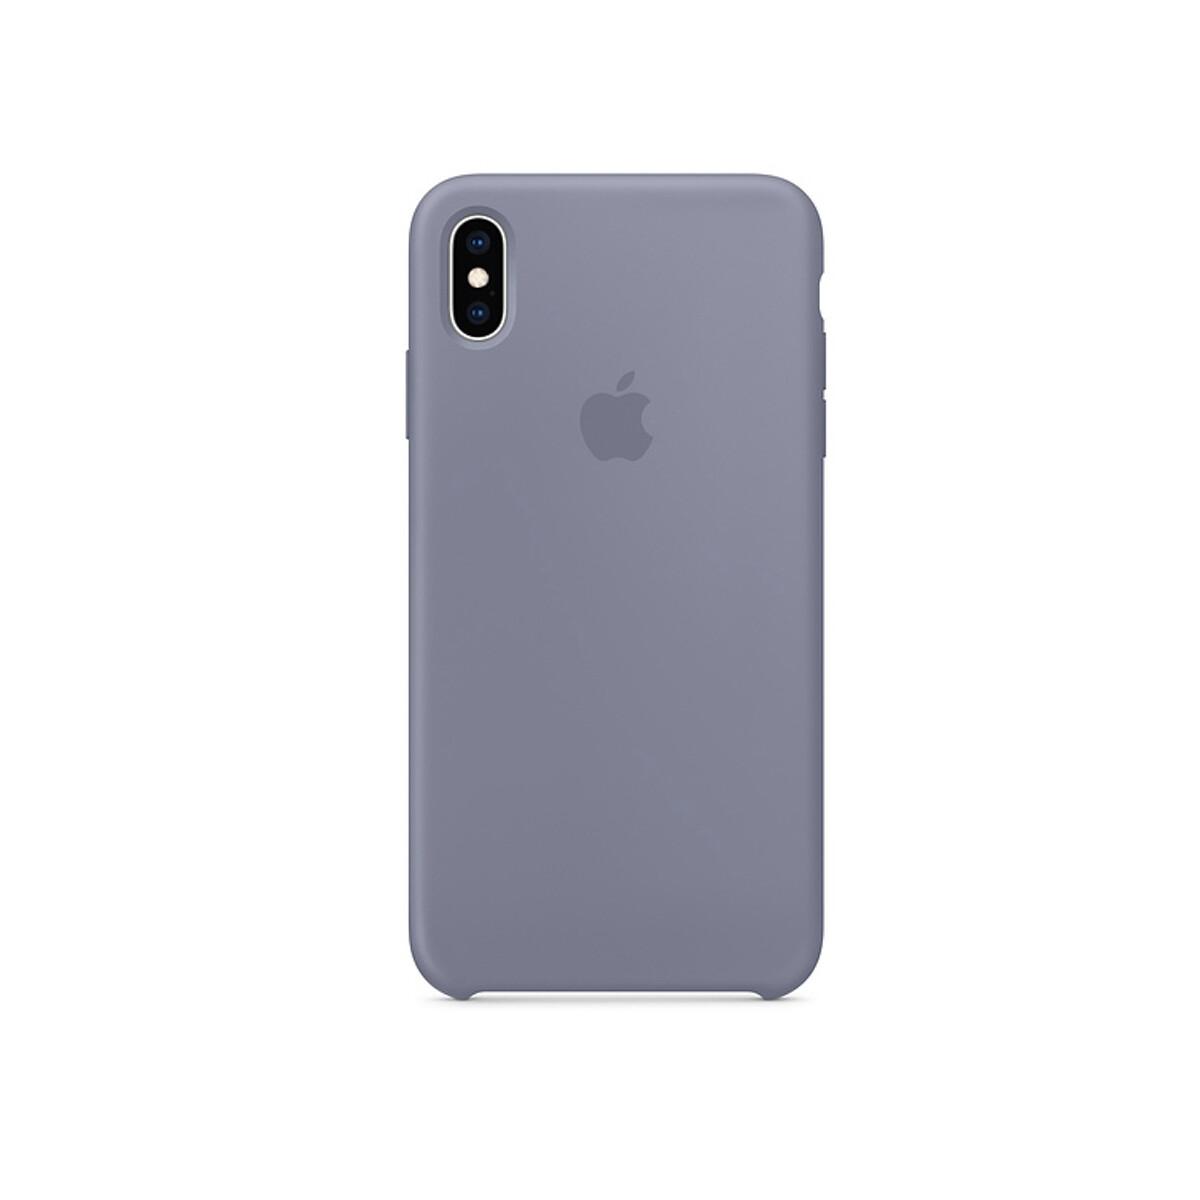 Estuche APPLE Original (Levender) IPHONE XS MAX (6.5)